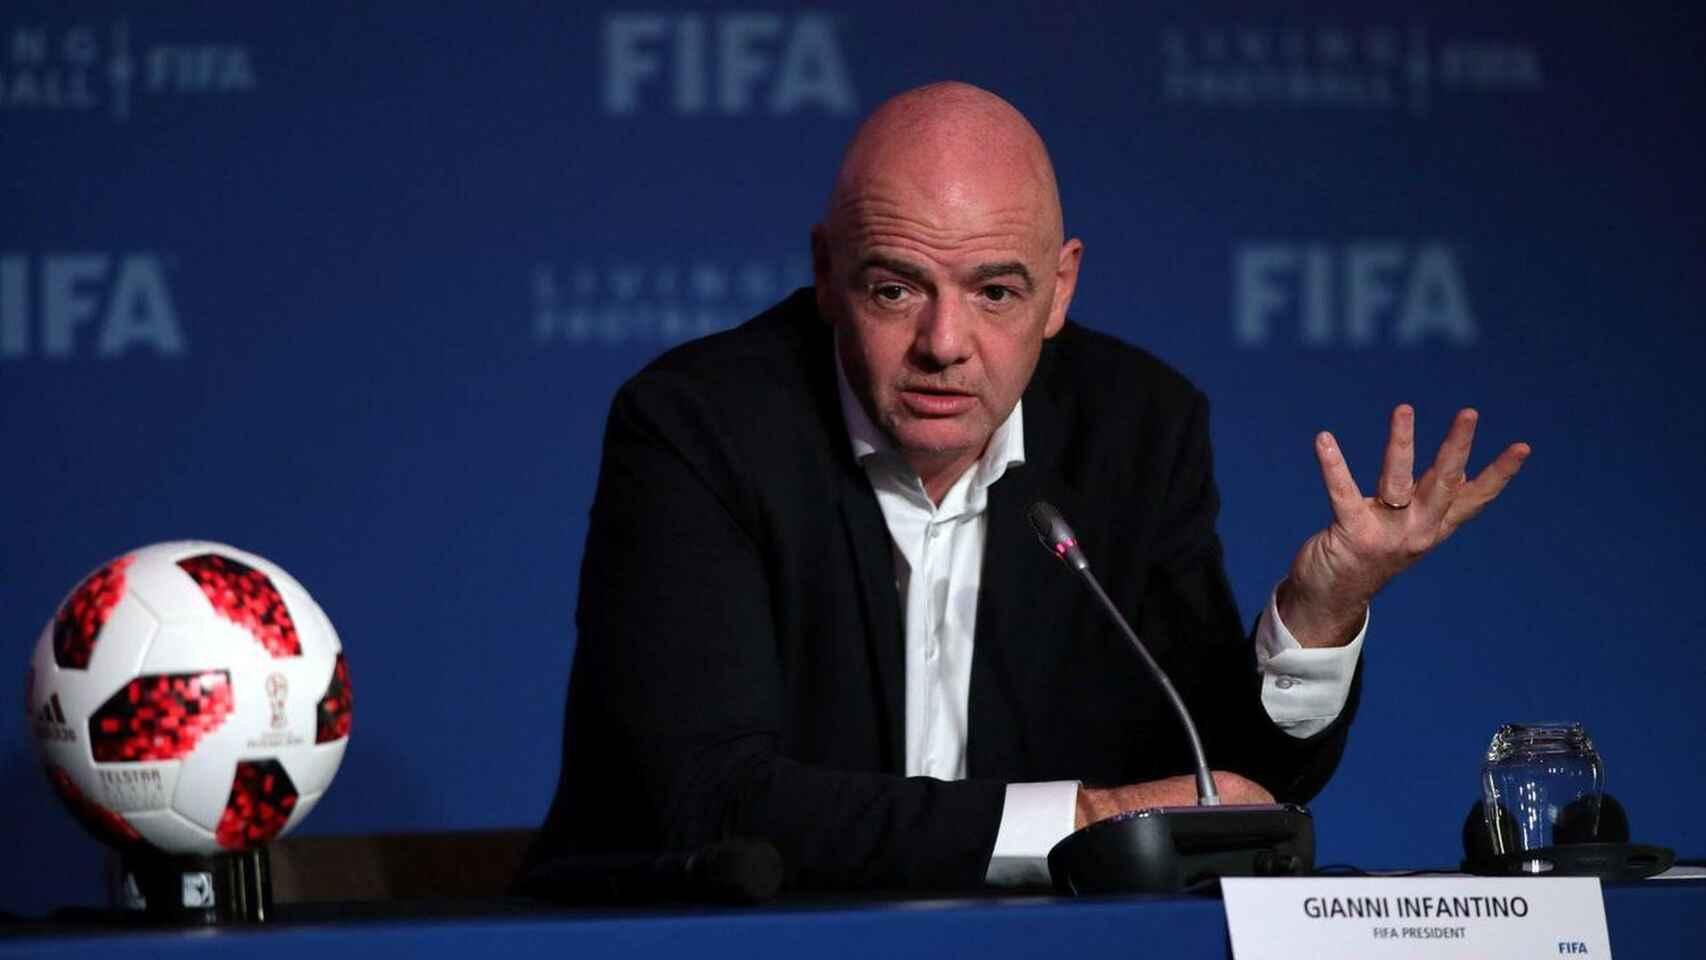 PRESIDENTE DE LA FIFA BUSCA QUE EL MUNDIAL SE JUGUÉ CADA 2 AÑOS